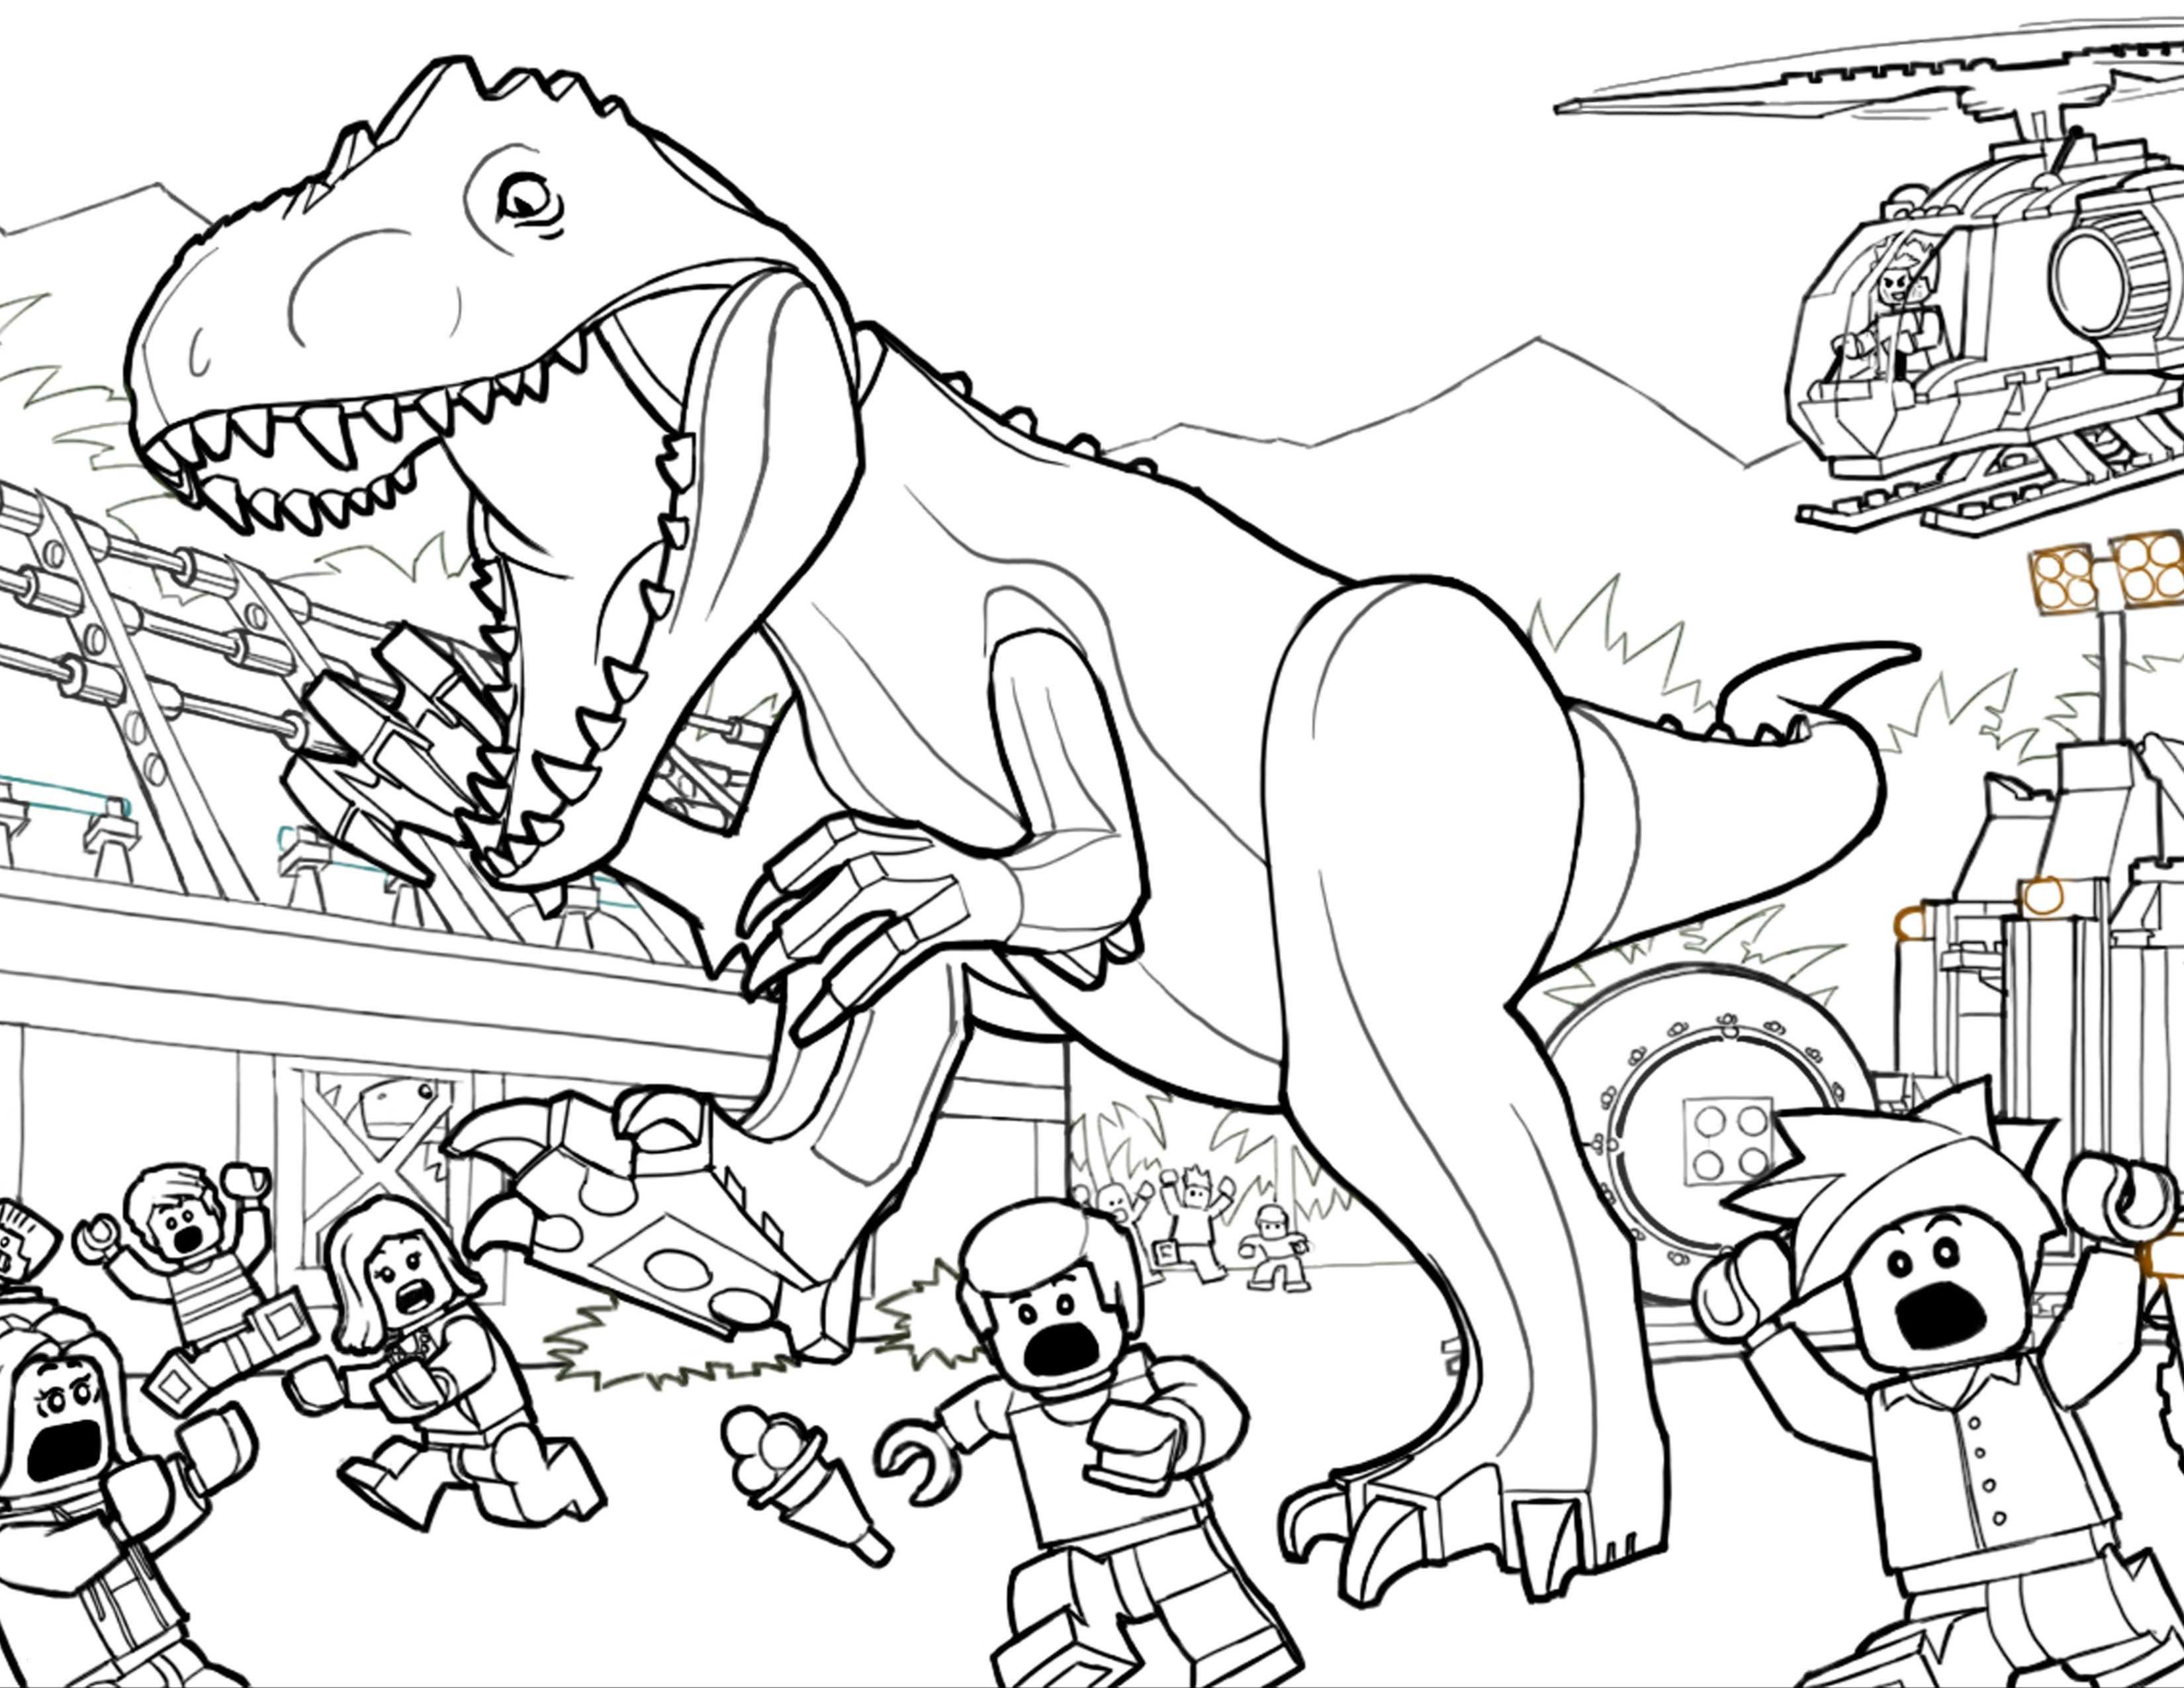 Jurassic World Ausmalbilder Genial Jurassic World Coloring Pages Printable Luxury T Rex Ausmalbild Sammlung